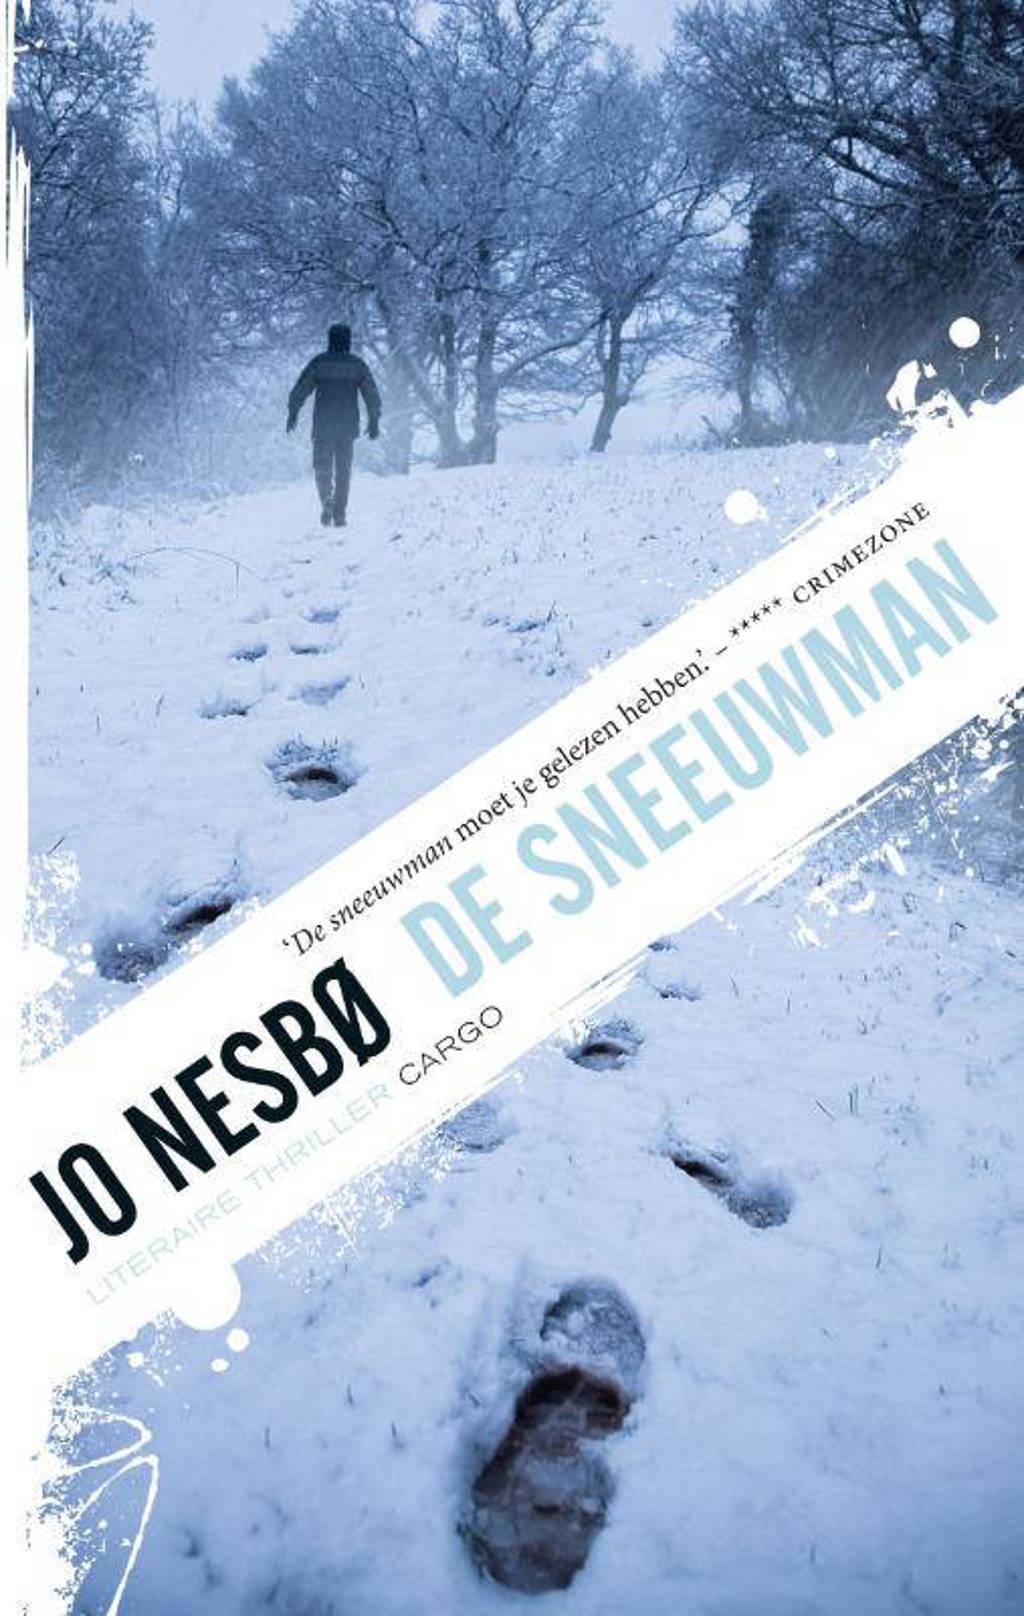 Harry Hole: De sneeuwman - Jo Nesbø